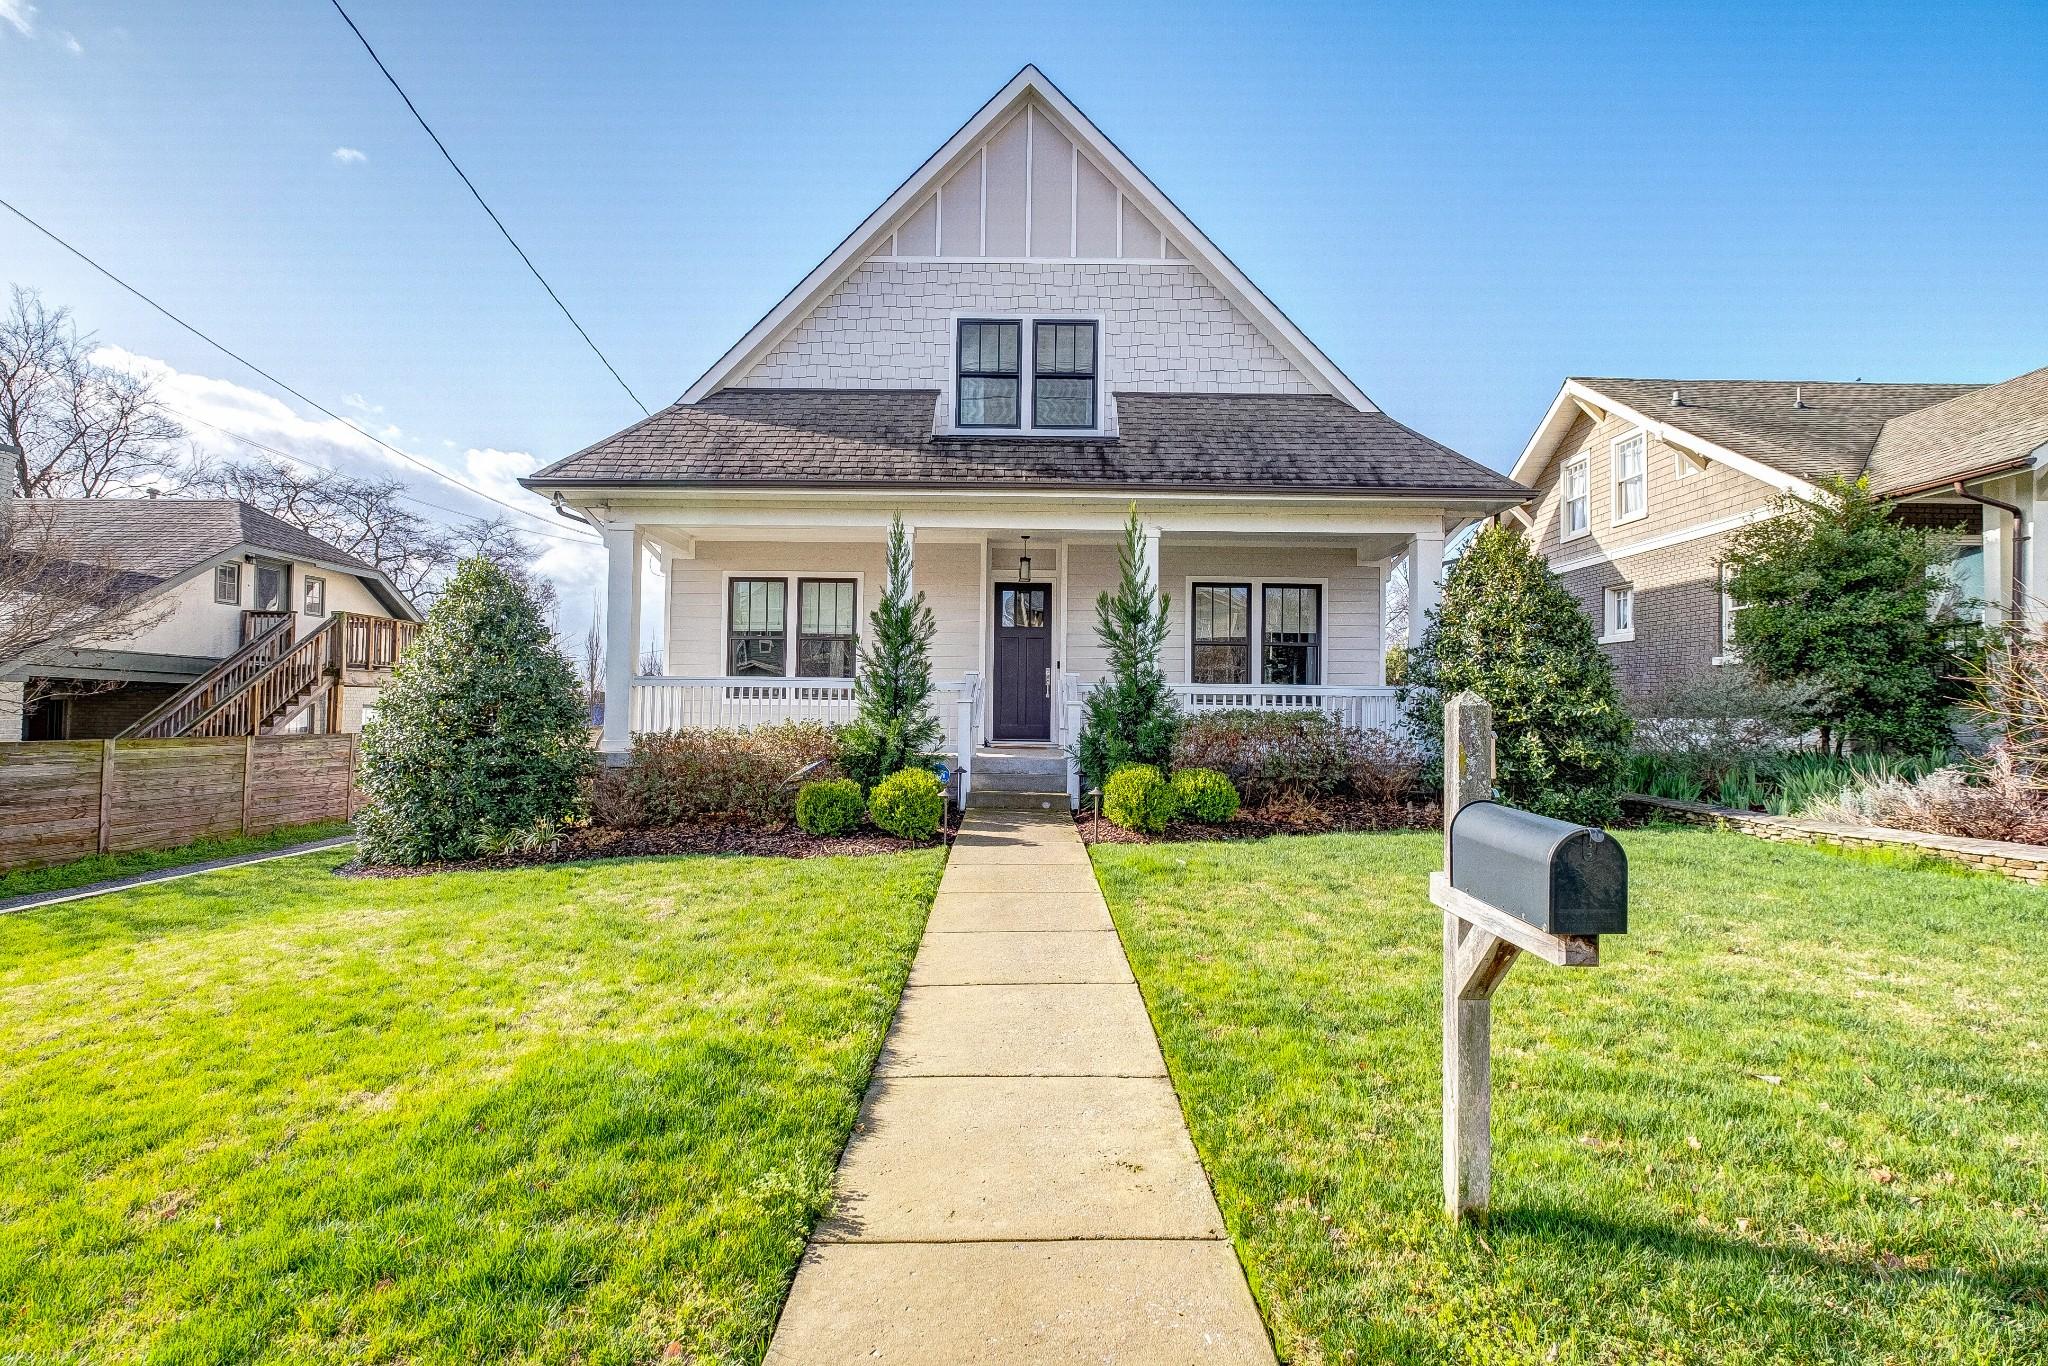 1209 Linden Ave Property Photo - Nashville, TN real estate listing